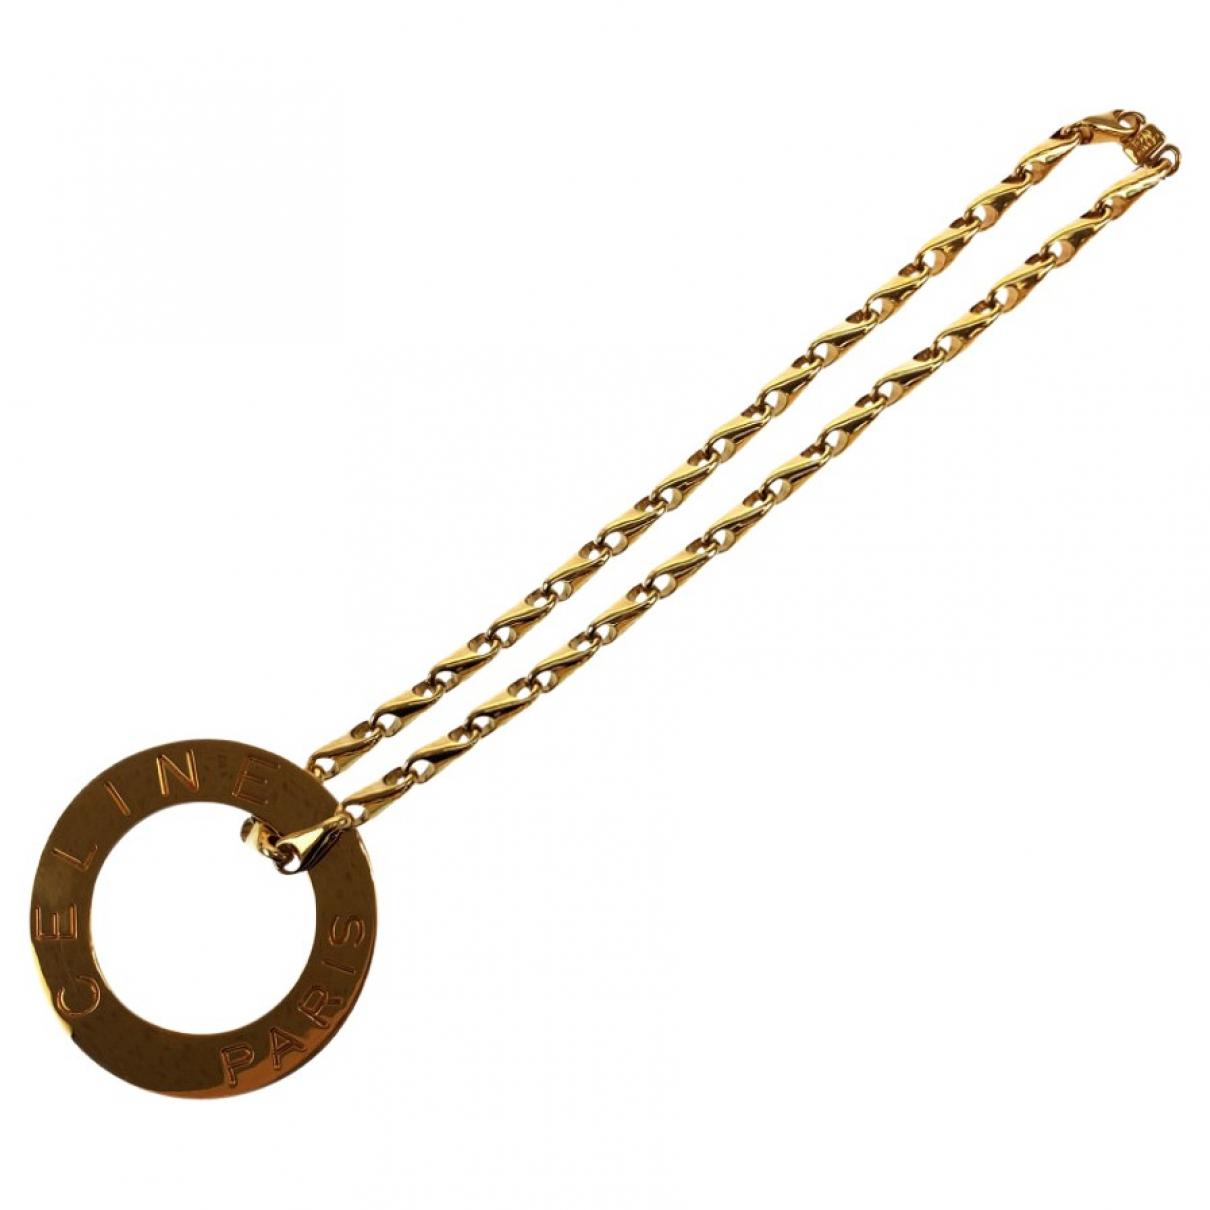 Celine \N Metal necklace for Women \N